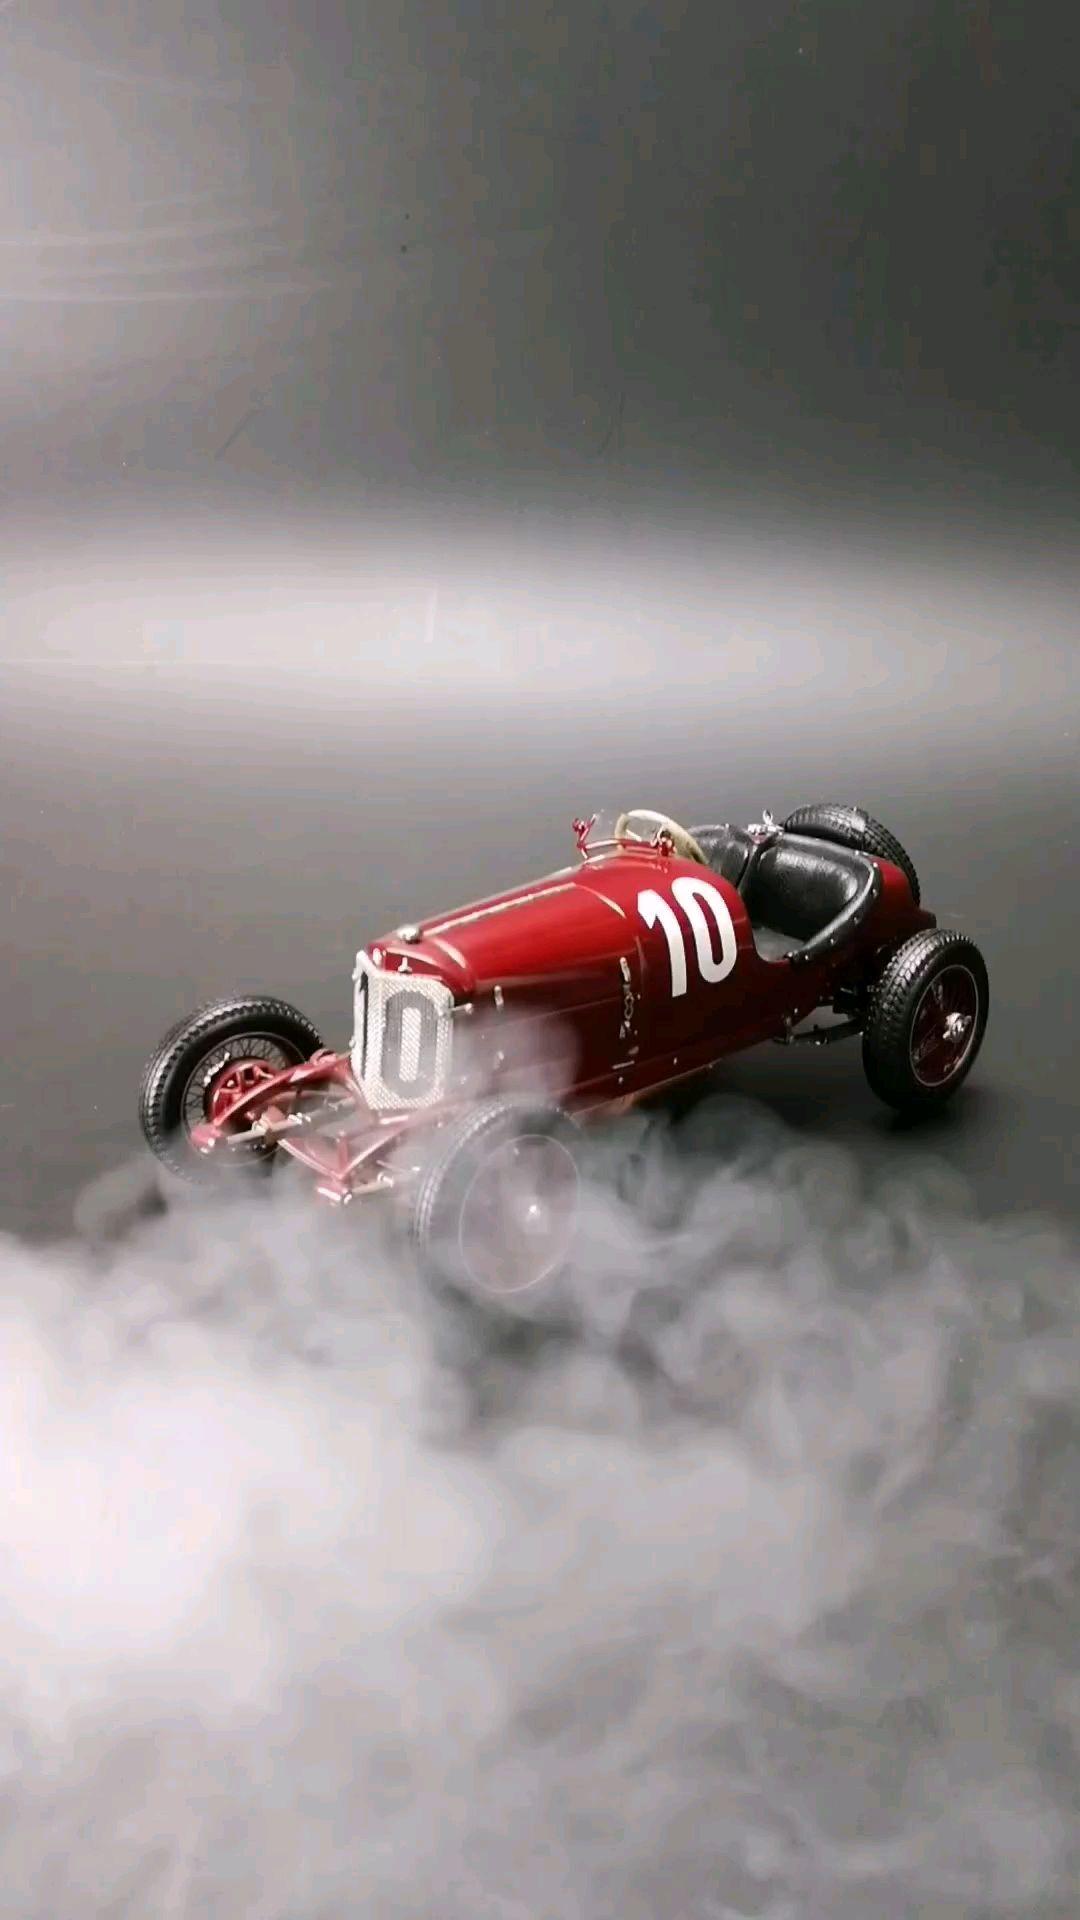 1924戴姆勒泰格冠军10#赛车。1:18比例,东晓汽车模型收藏馆藏品。